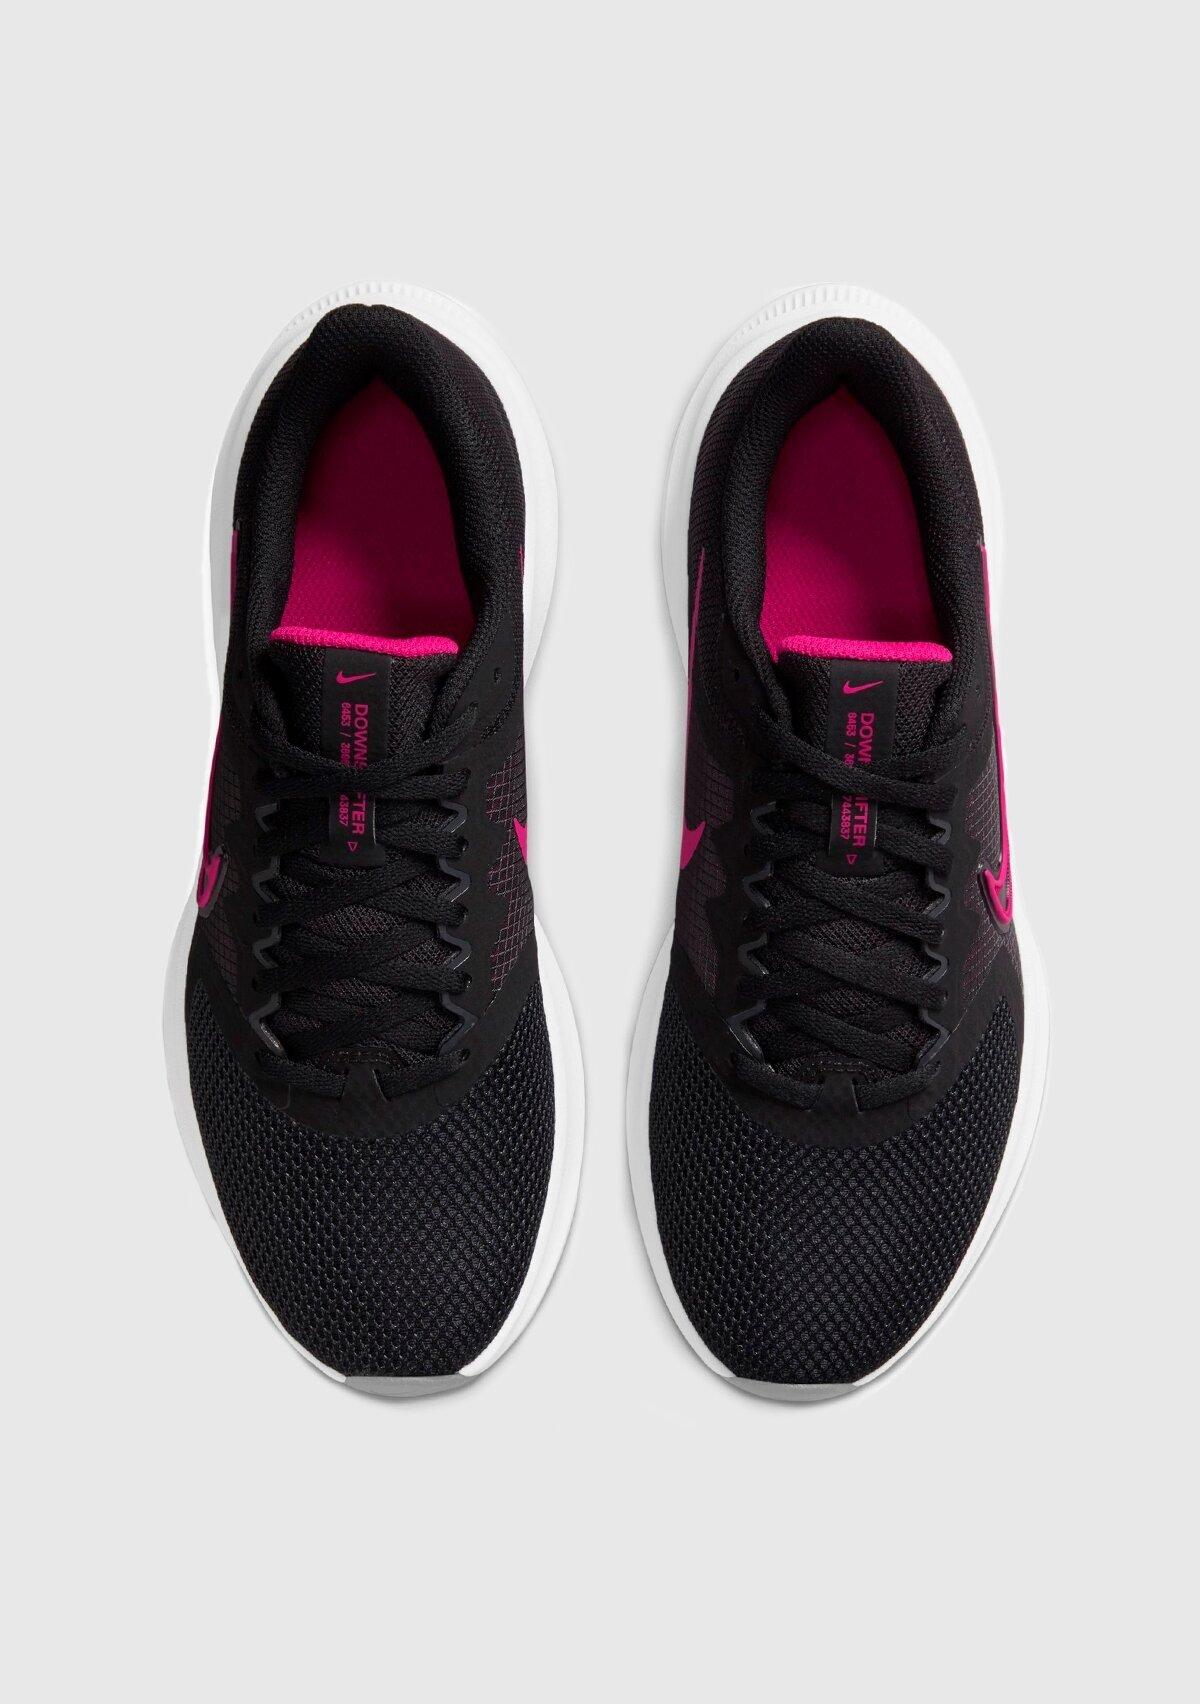 resm Wmns Downshıfter 11 Siyah Kadın Koşu Ayakkabısı Cw